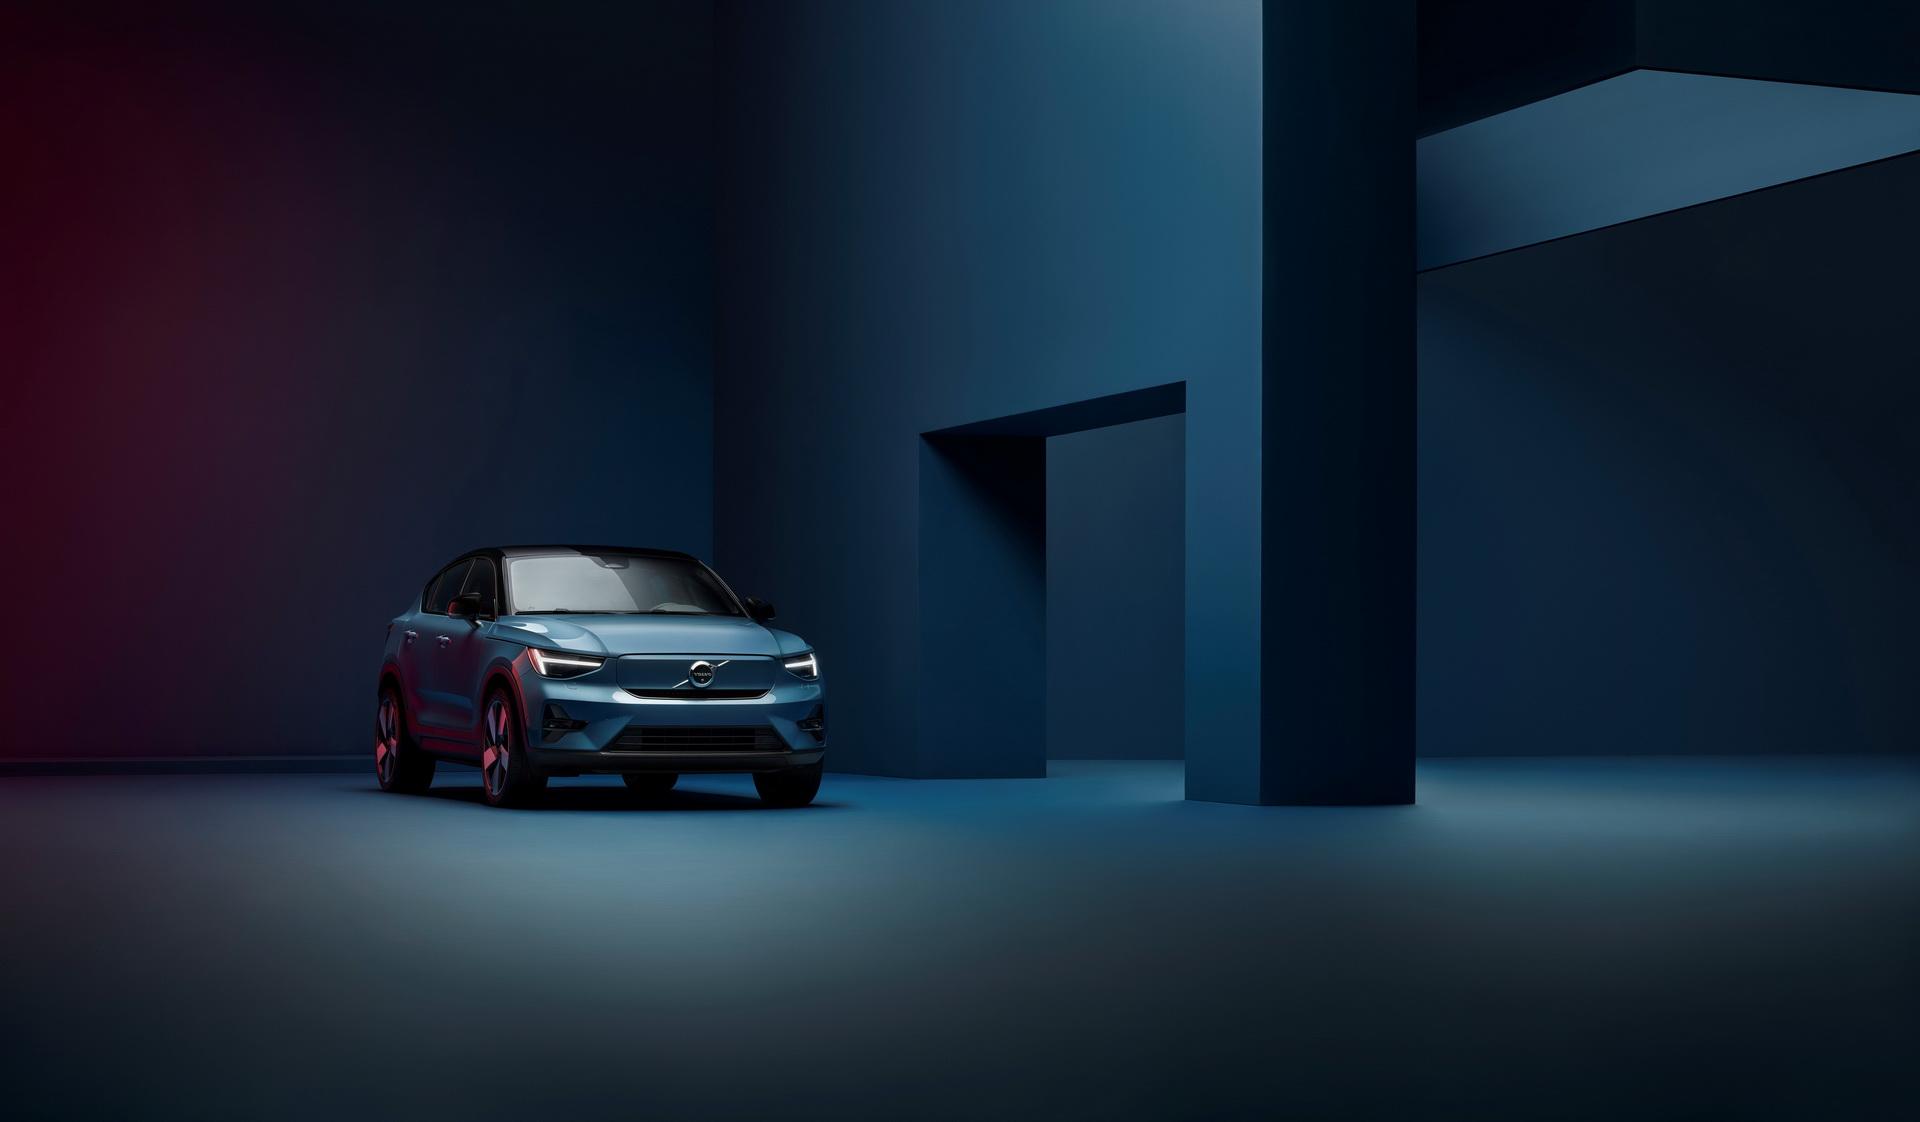 Volvo, yeni elektriklisi C40 Recharge'ı tanıttı: İşte tasarımı ve özellikleri